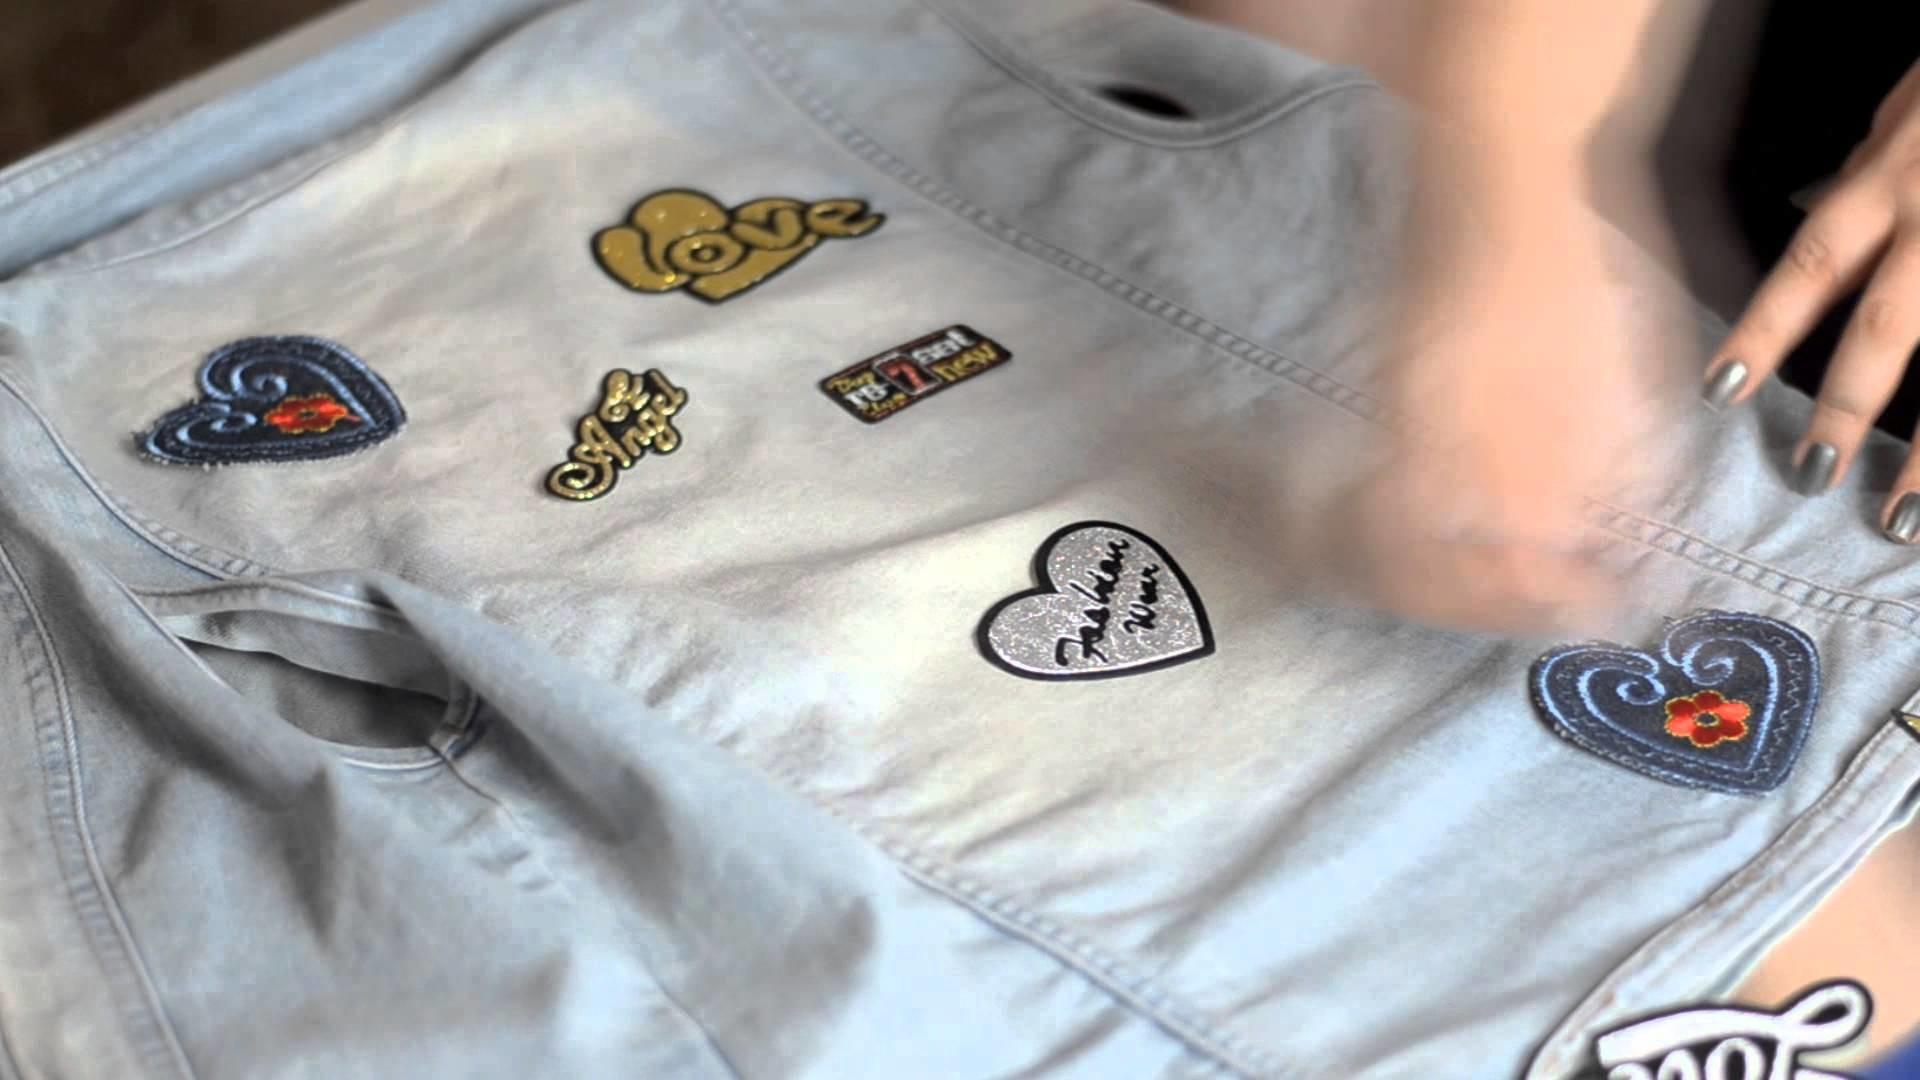 Diy: Customizando Jeans com Patches